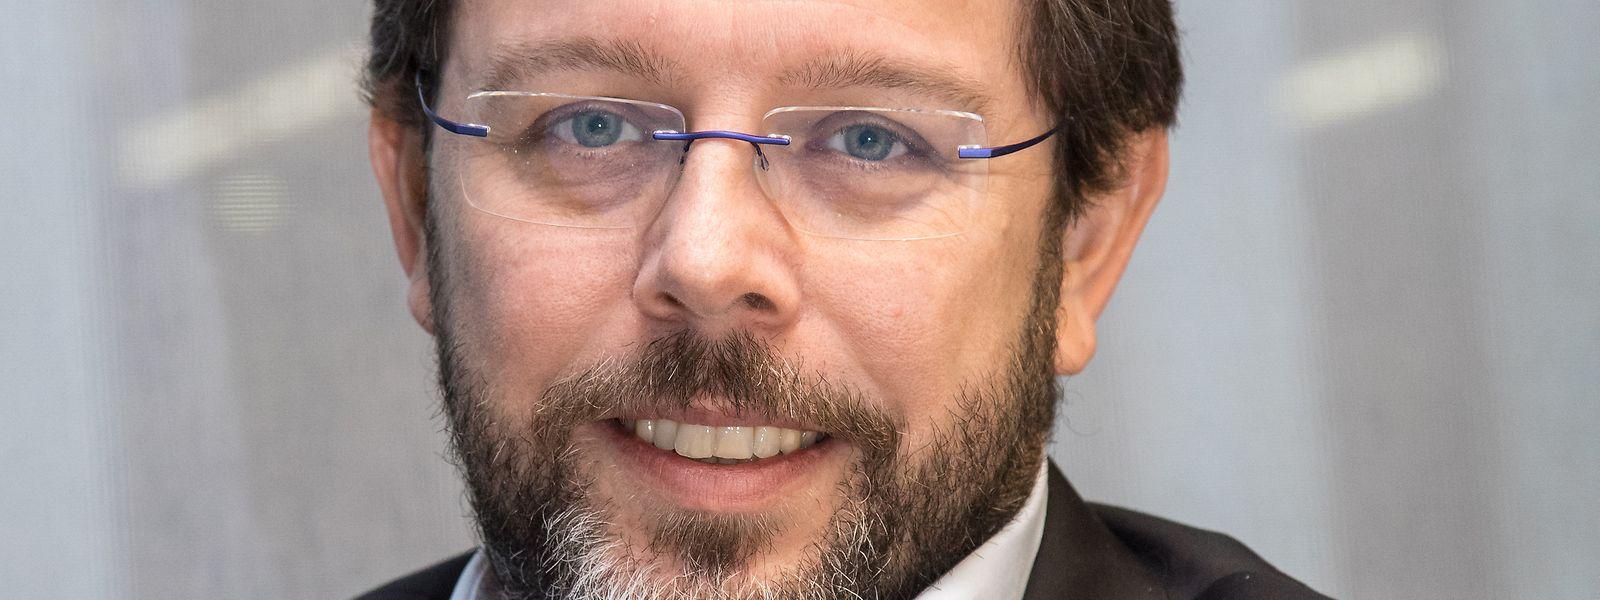 Après quatre années passées à la tête de la CLC, Nicolas Henckes s'apprête à redevenir patron d'entreprise.